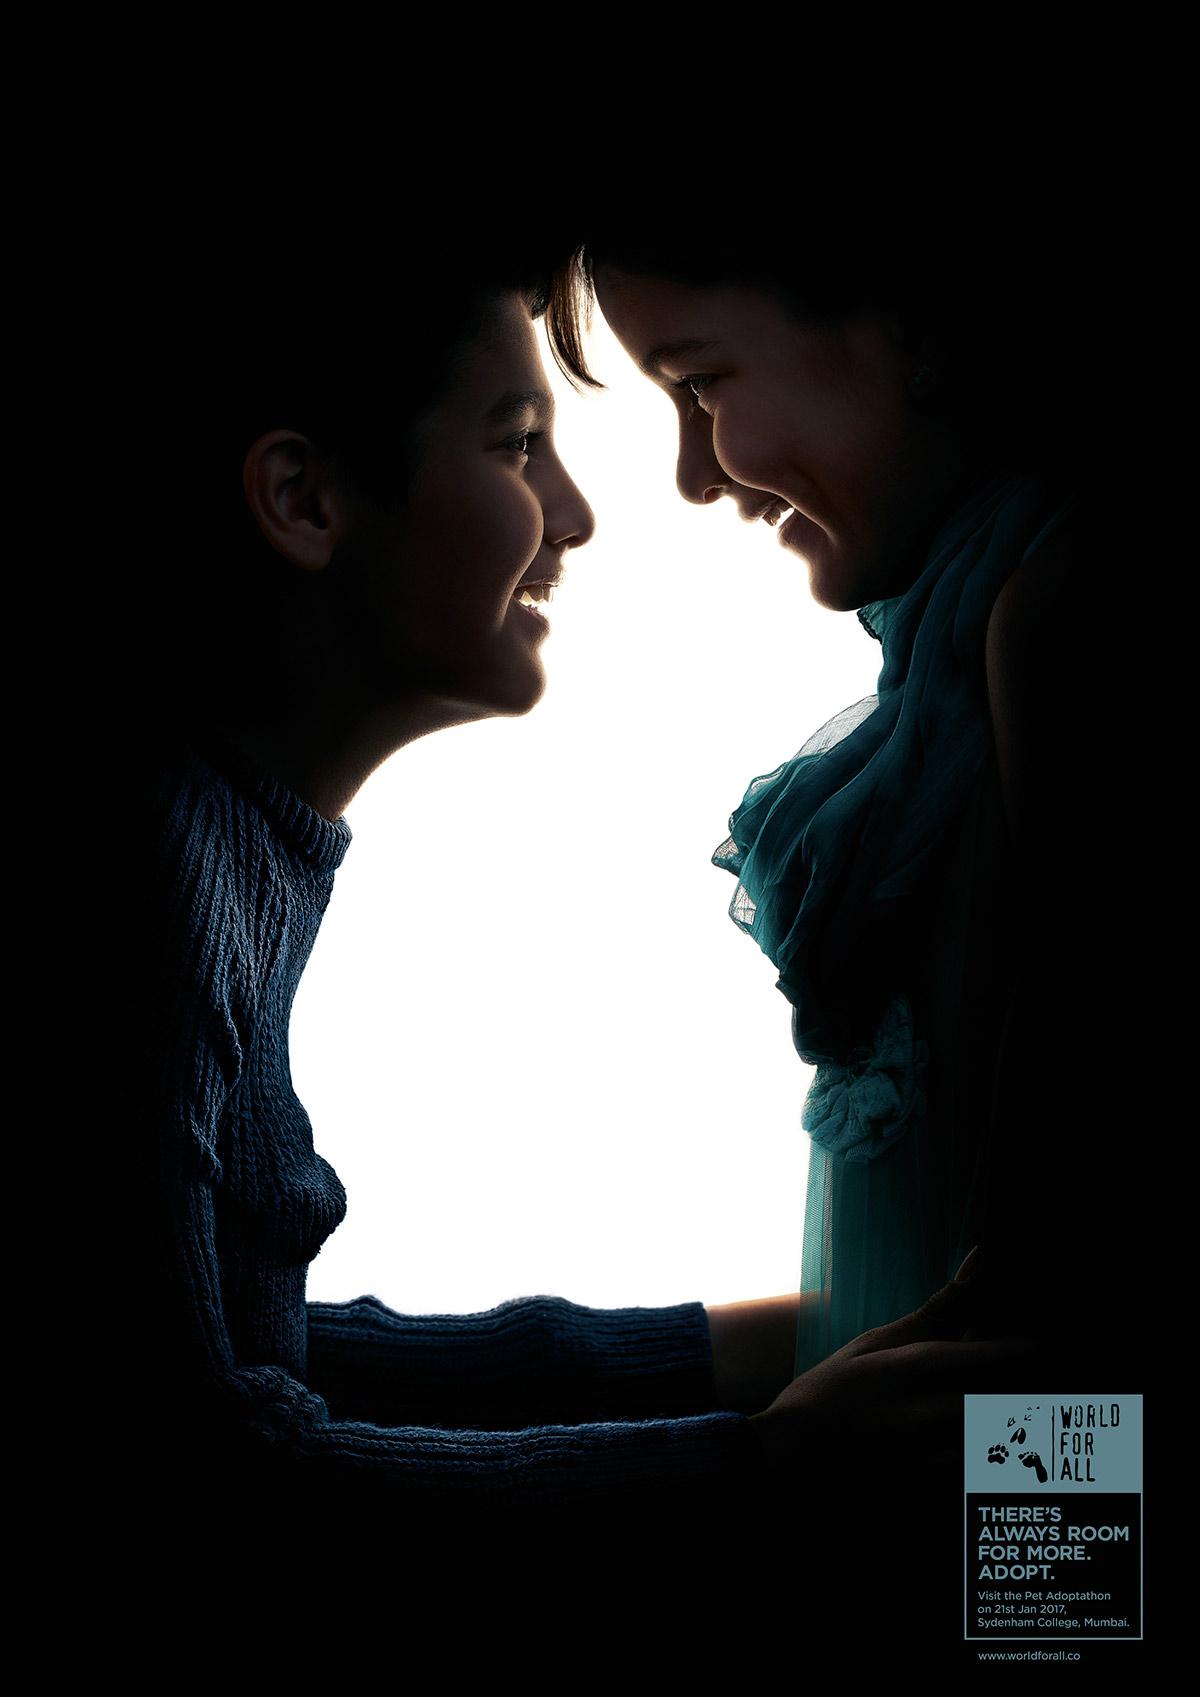 парень с девушкой на фото создают оптическую иллюзию